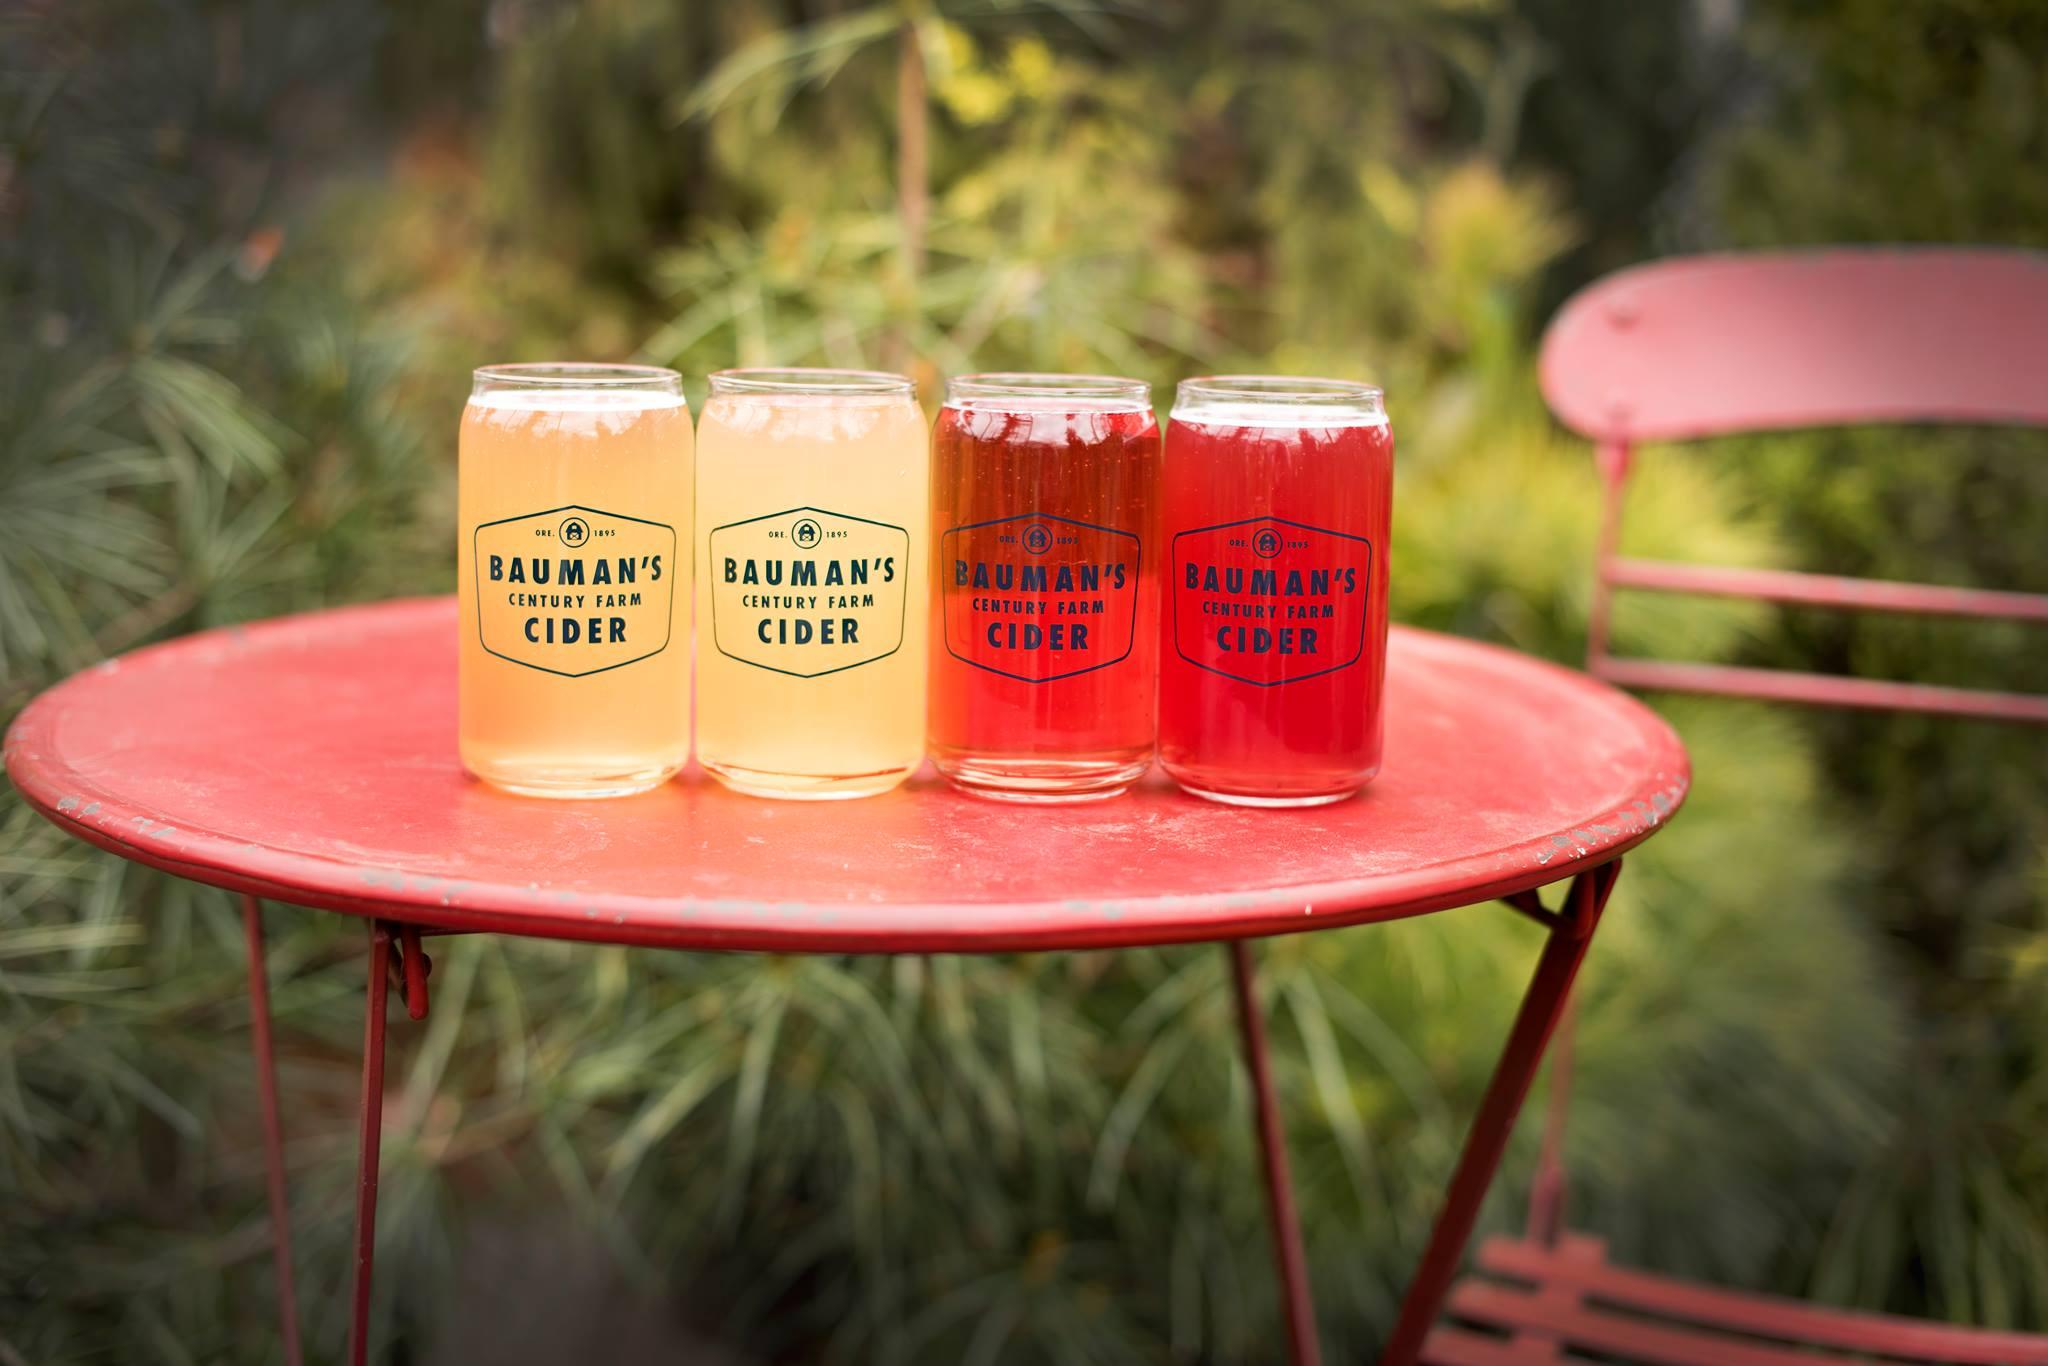 image courtesy of Bauman's Cider